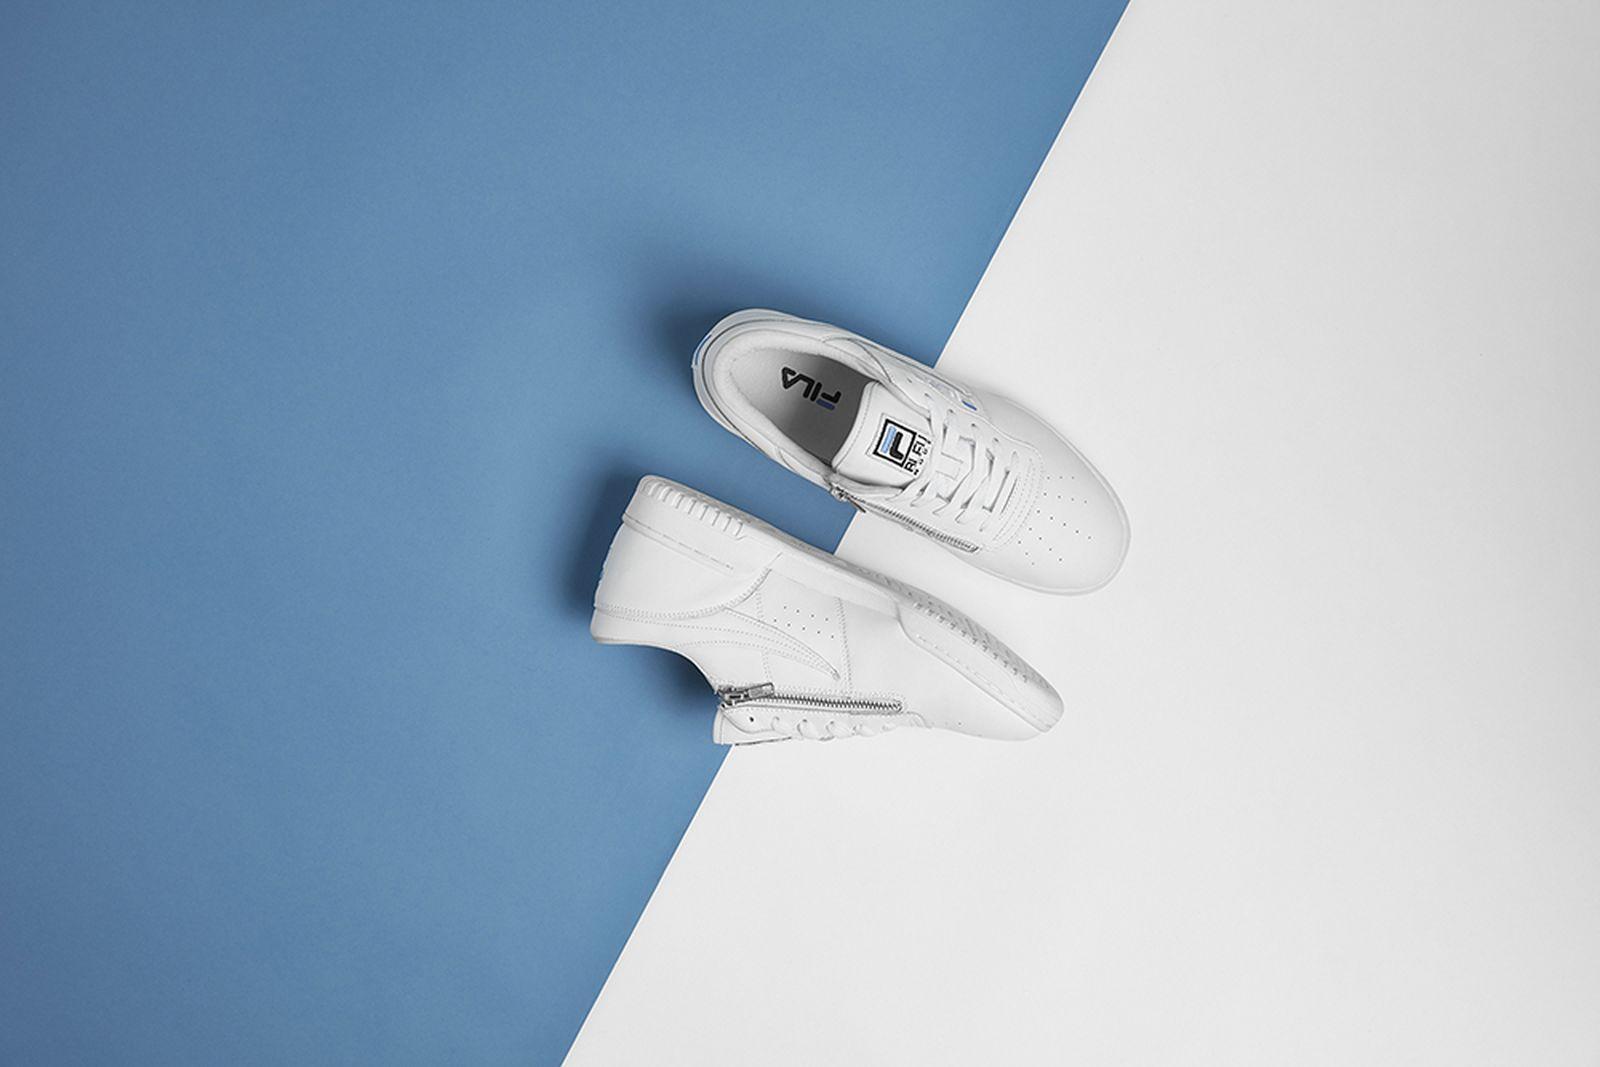 bleu-mode-fila-original-fitness-zipper-release-date-price-05